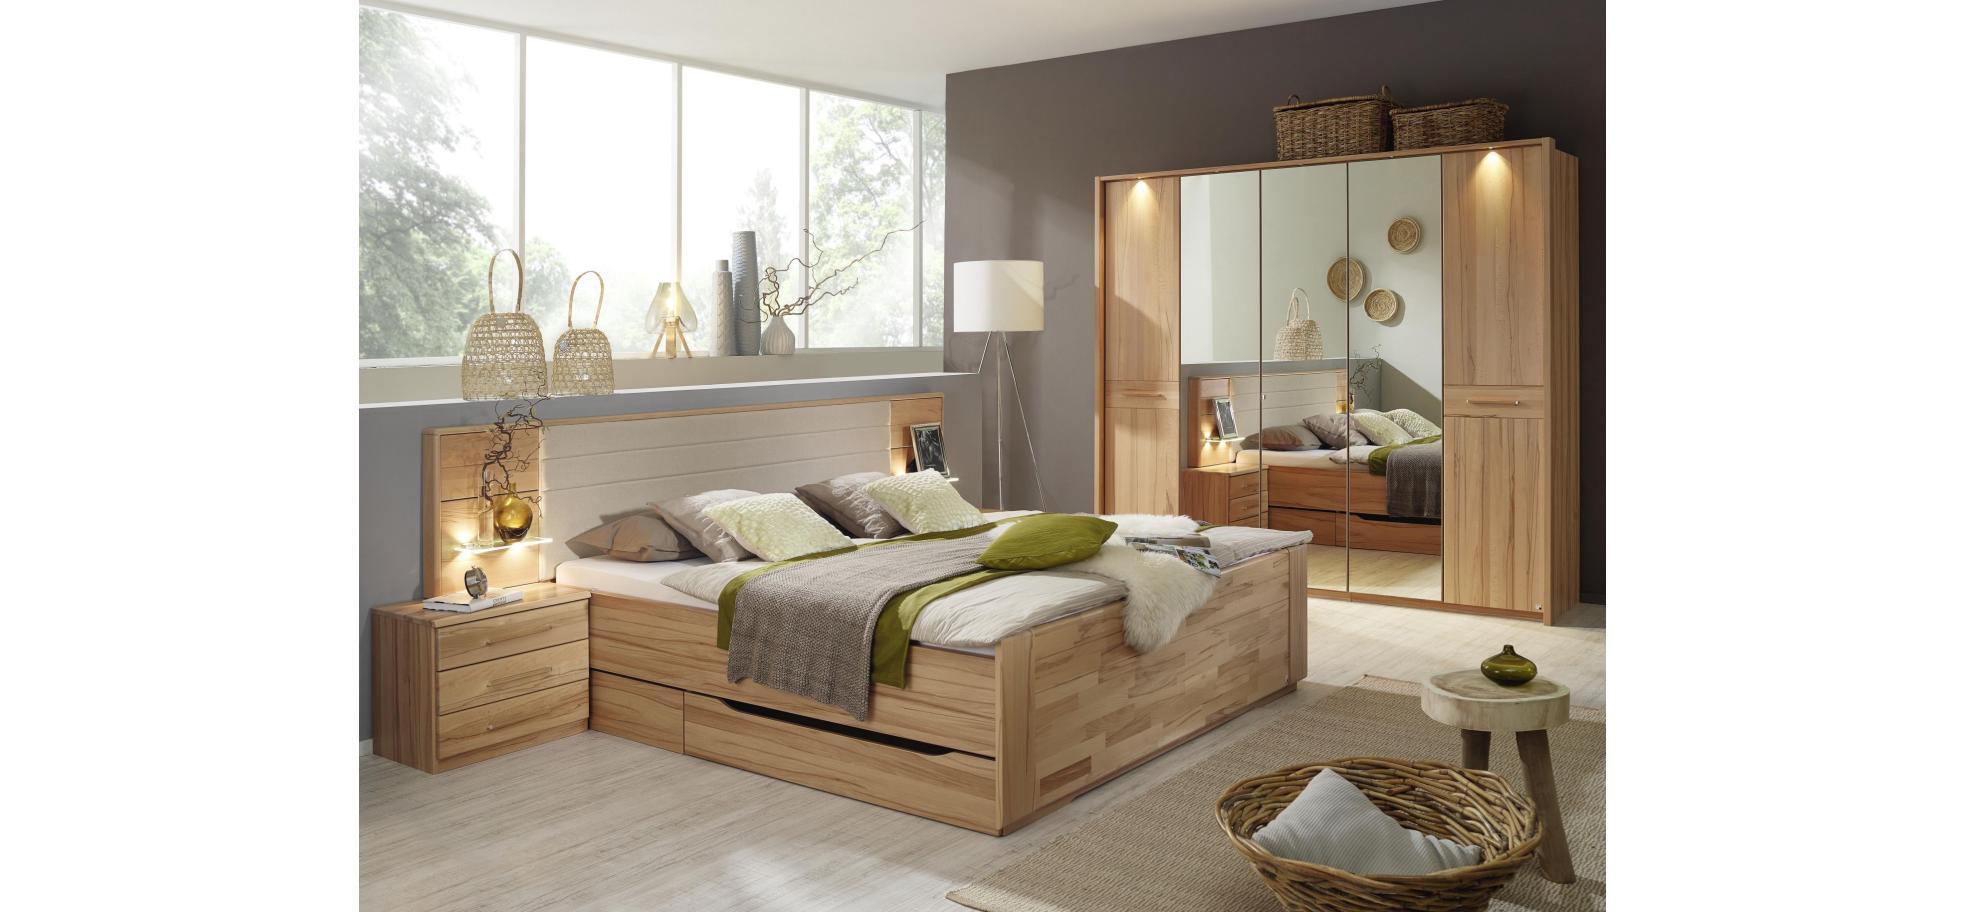 bett in kernbuche mit polsterkopfteil liegefl che 180x200 cm m belhaus pohl wilhelmshaven. Black Bedroom Furniture Sets. Home Design Ideas